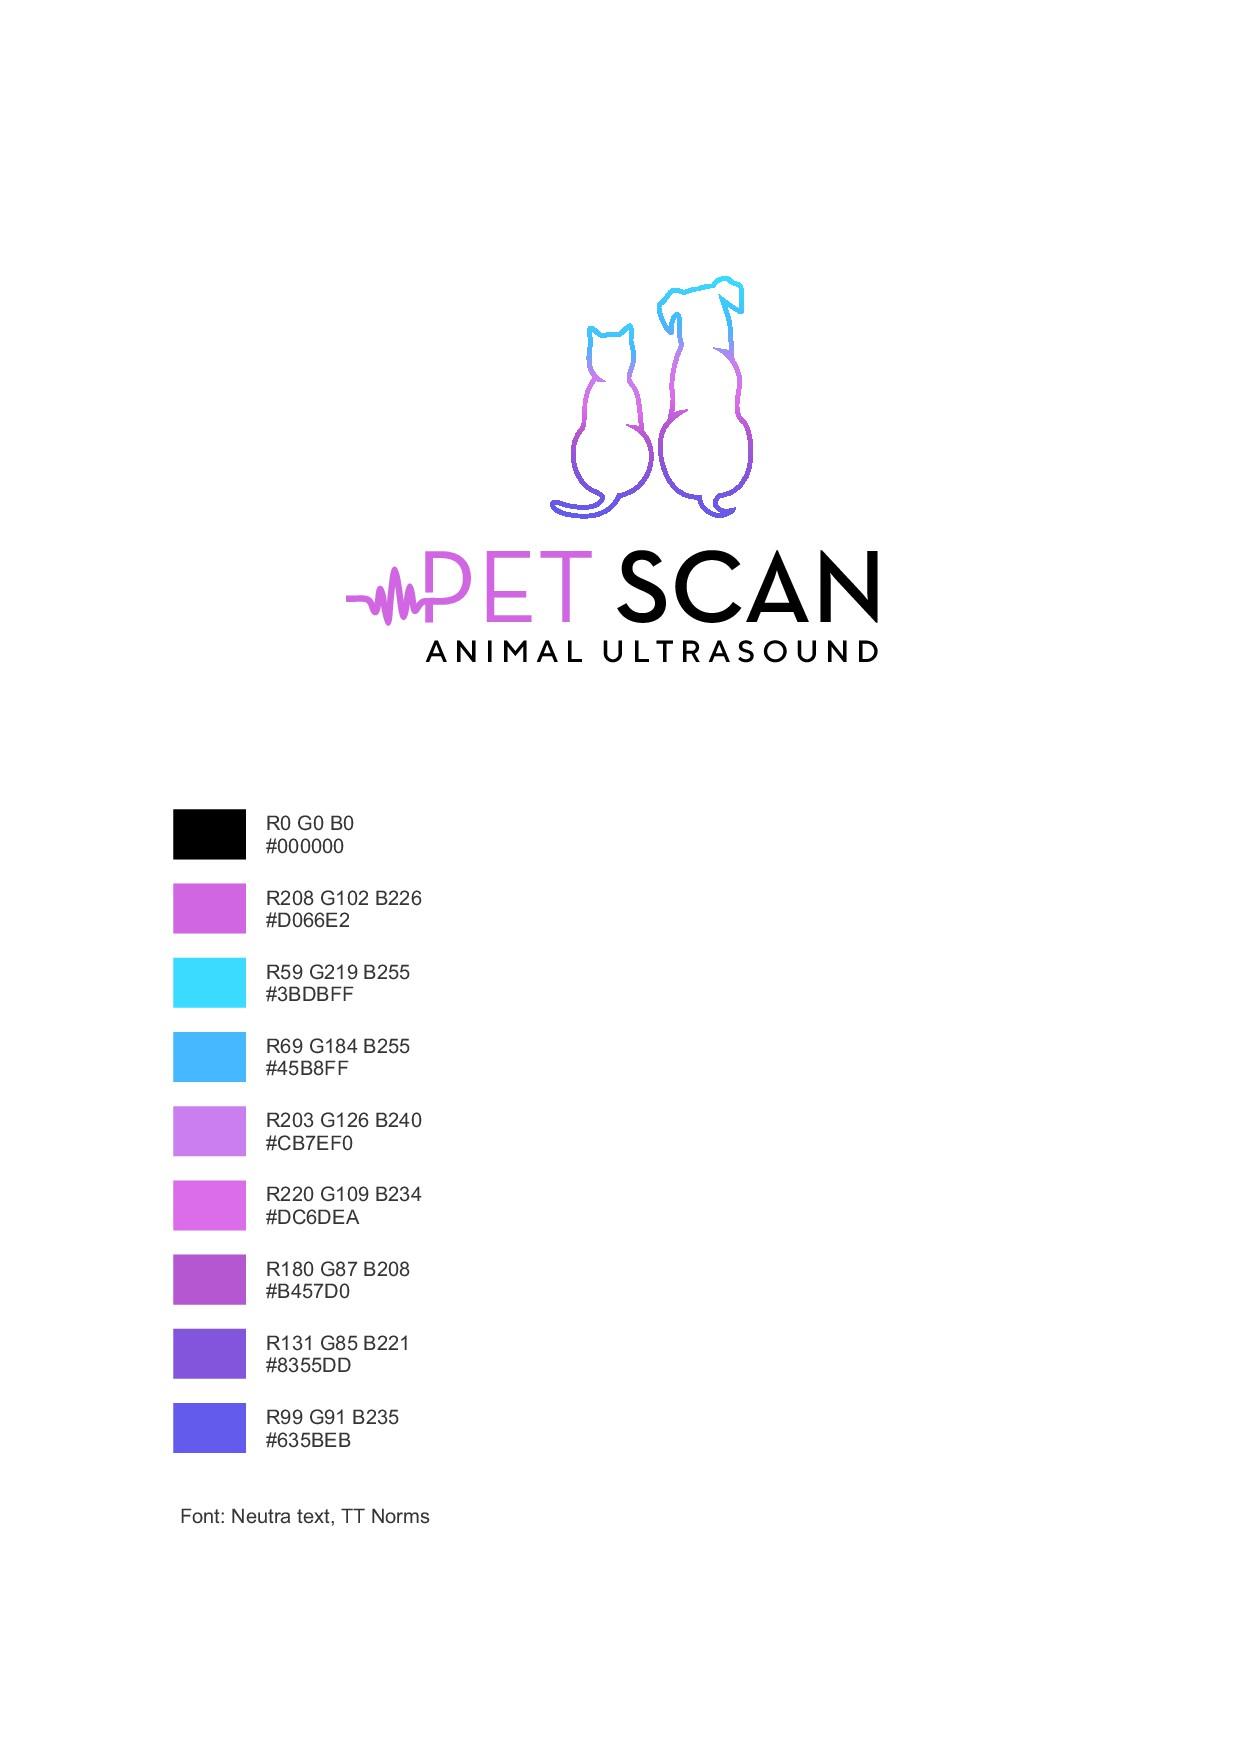 PET SCANS Mobile Ultrasound